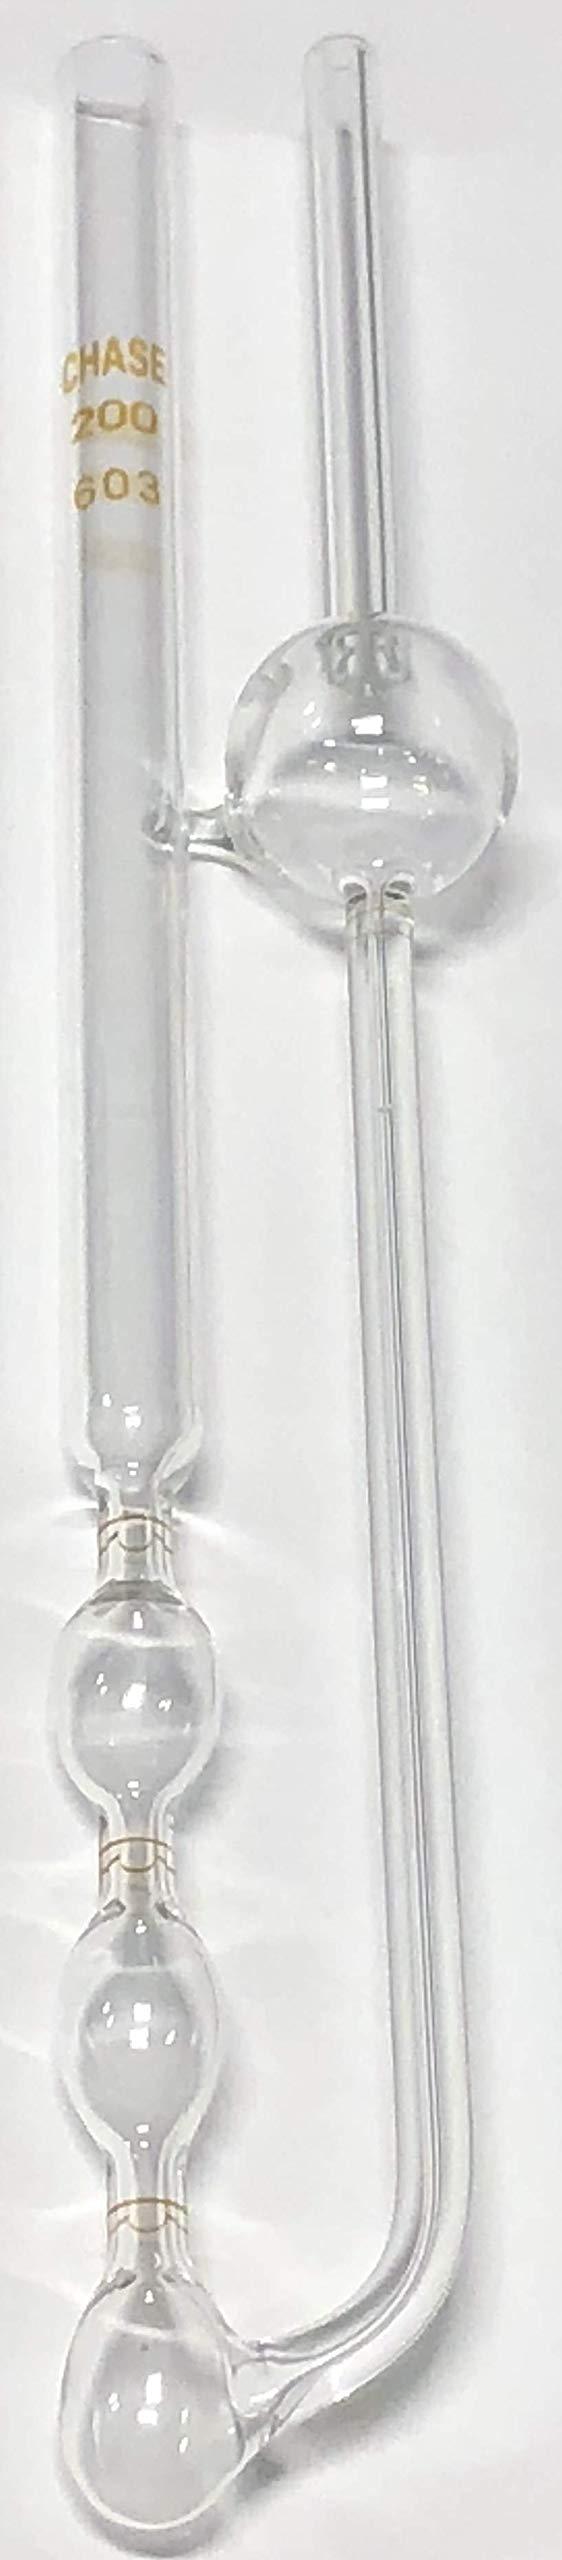 Cannon-Fenske Opaque Viscometer, Size 350, Calibrated